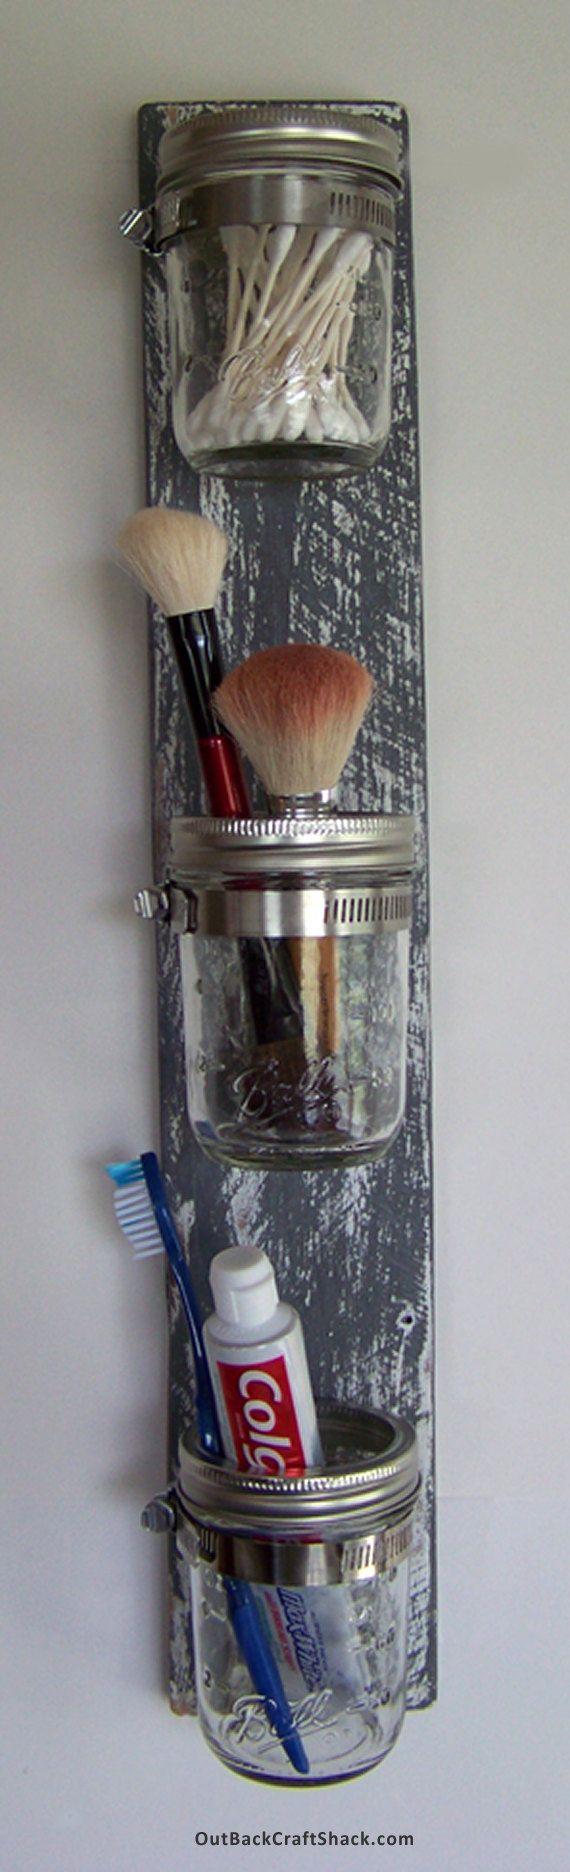 Mason Jar Decor Bathroom Organizer 3 Jar Vertical